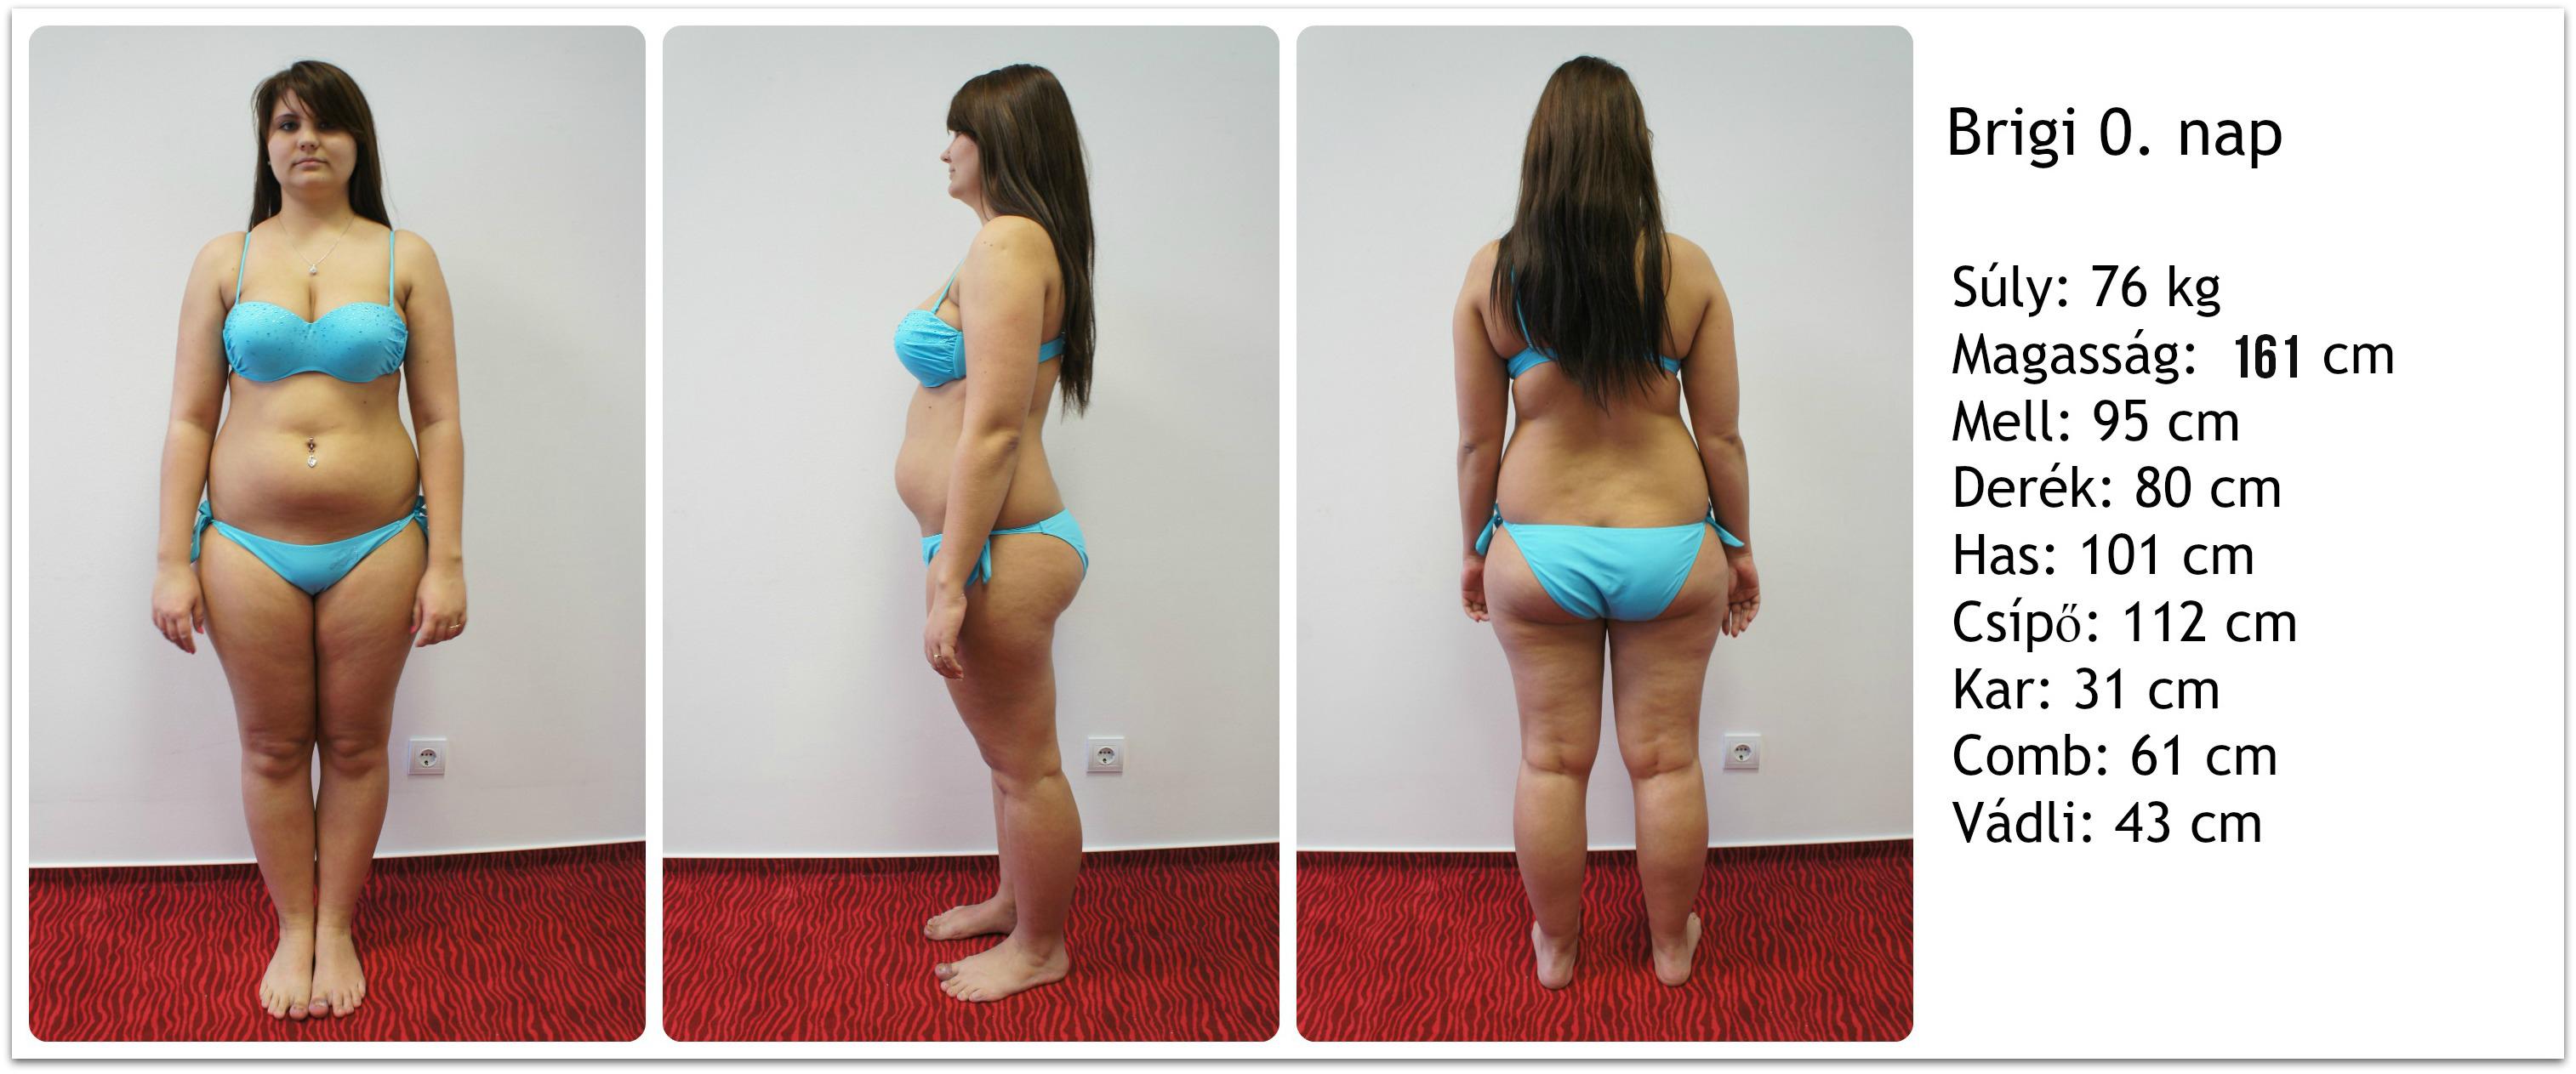 10 kg súly veszteség egy hónap alatt)